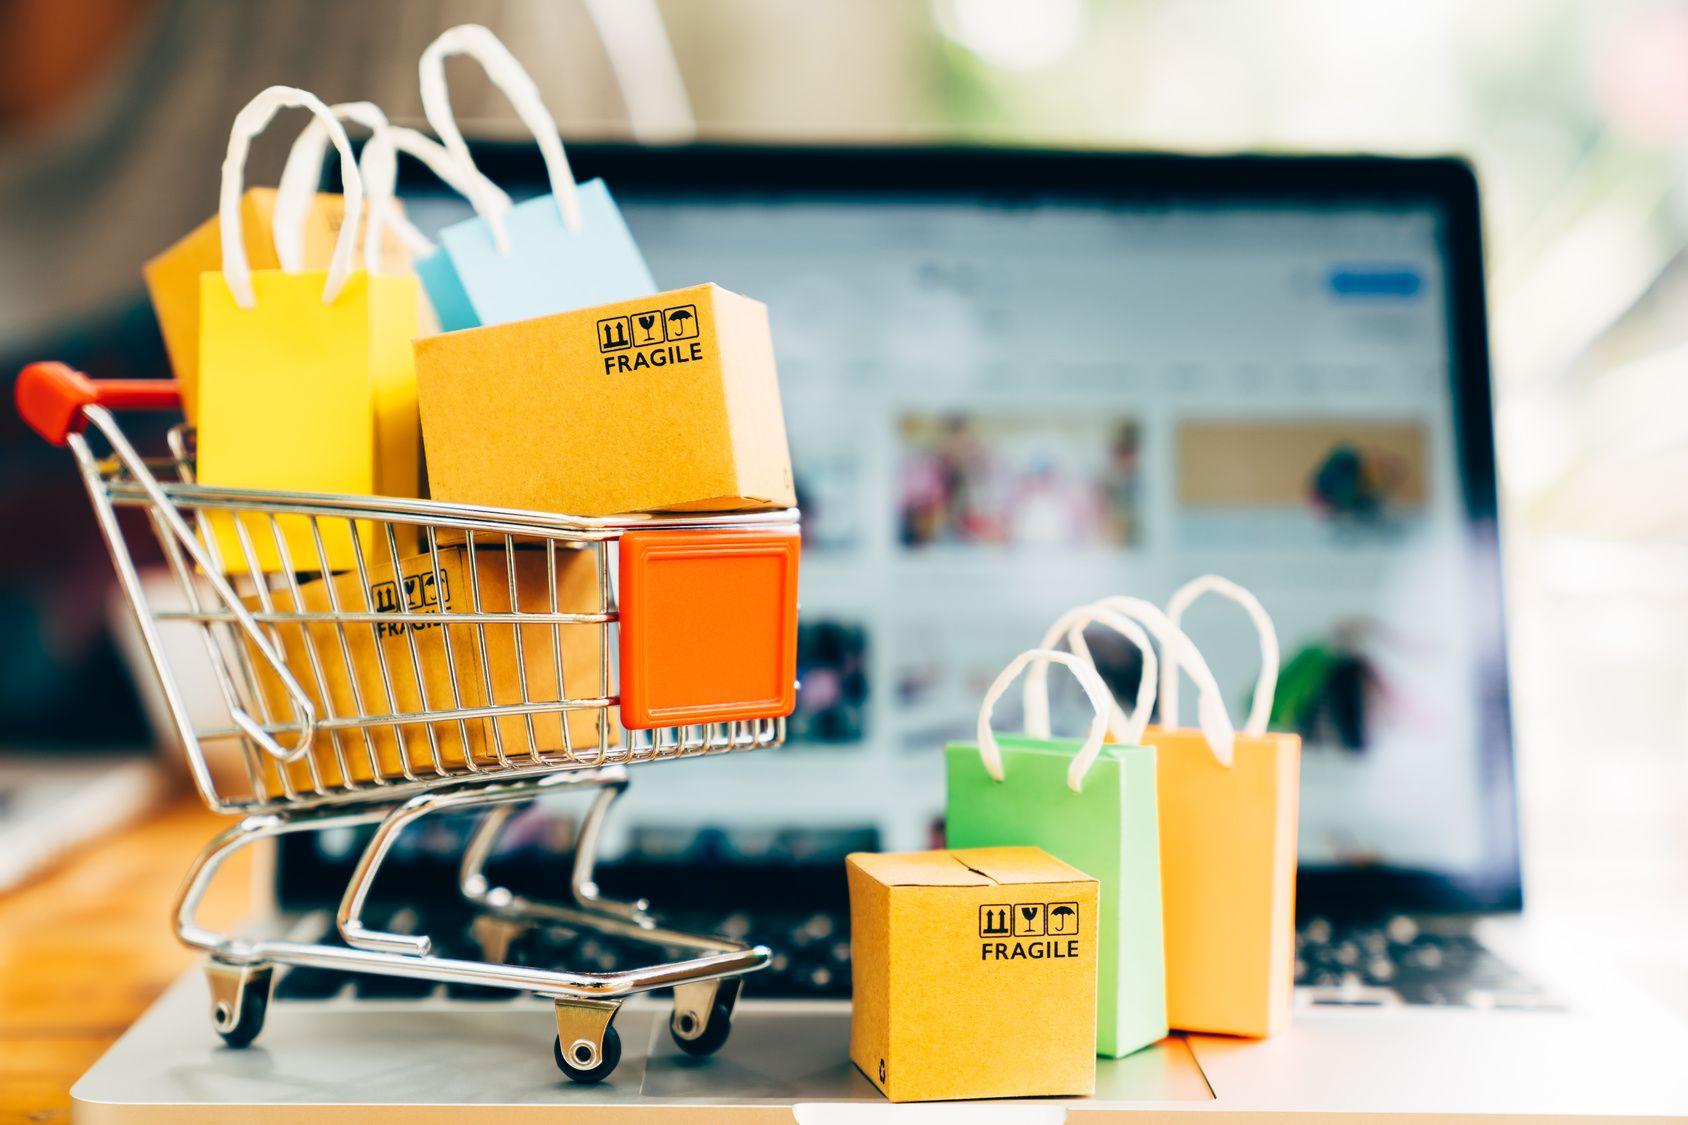 dia de la madre: crece la venta online para regalarle a mama